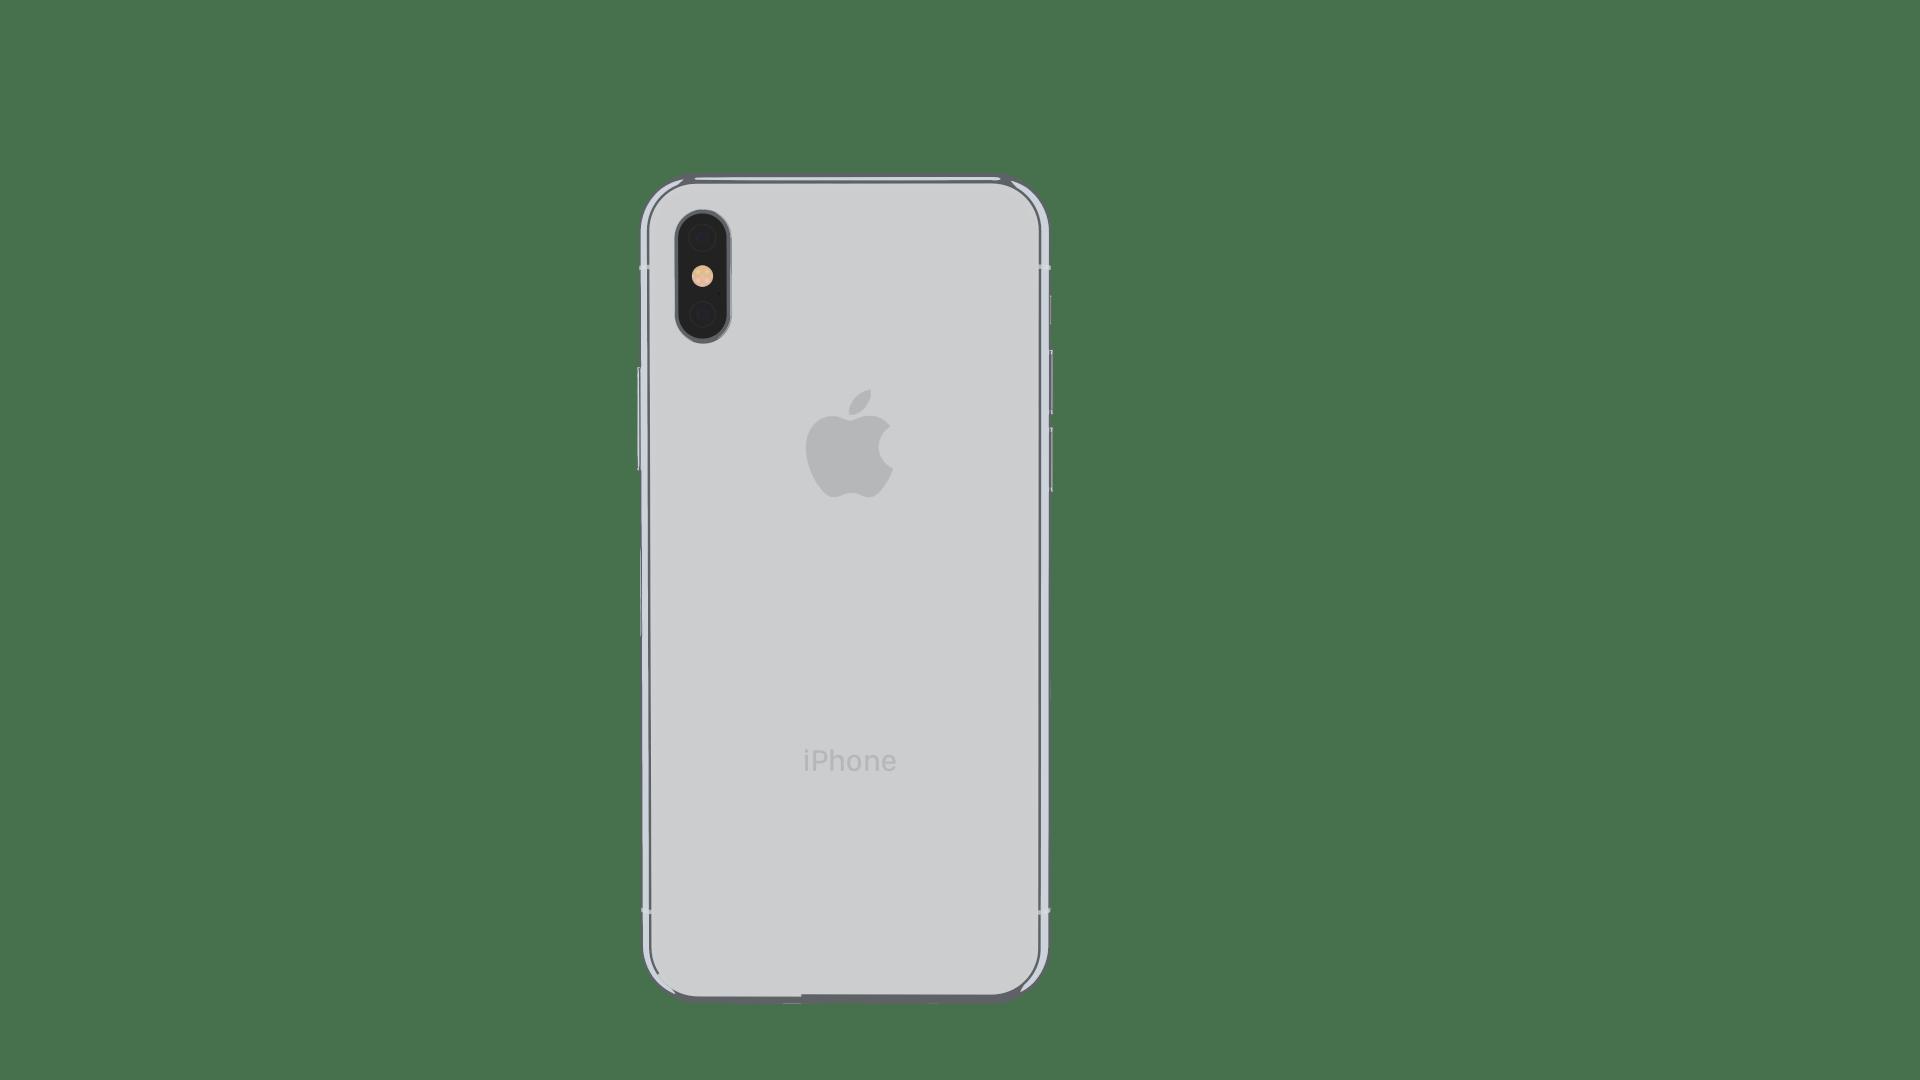 Iphone X Off White Wallpaper Element 3d Apple Iphone X By Mr Matt 3docean